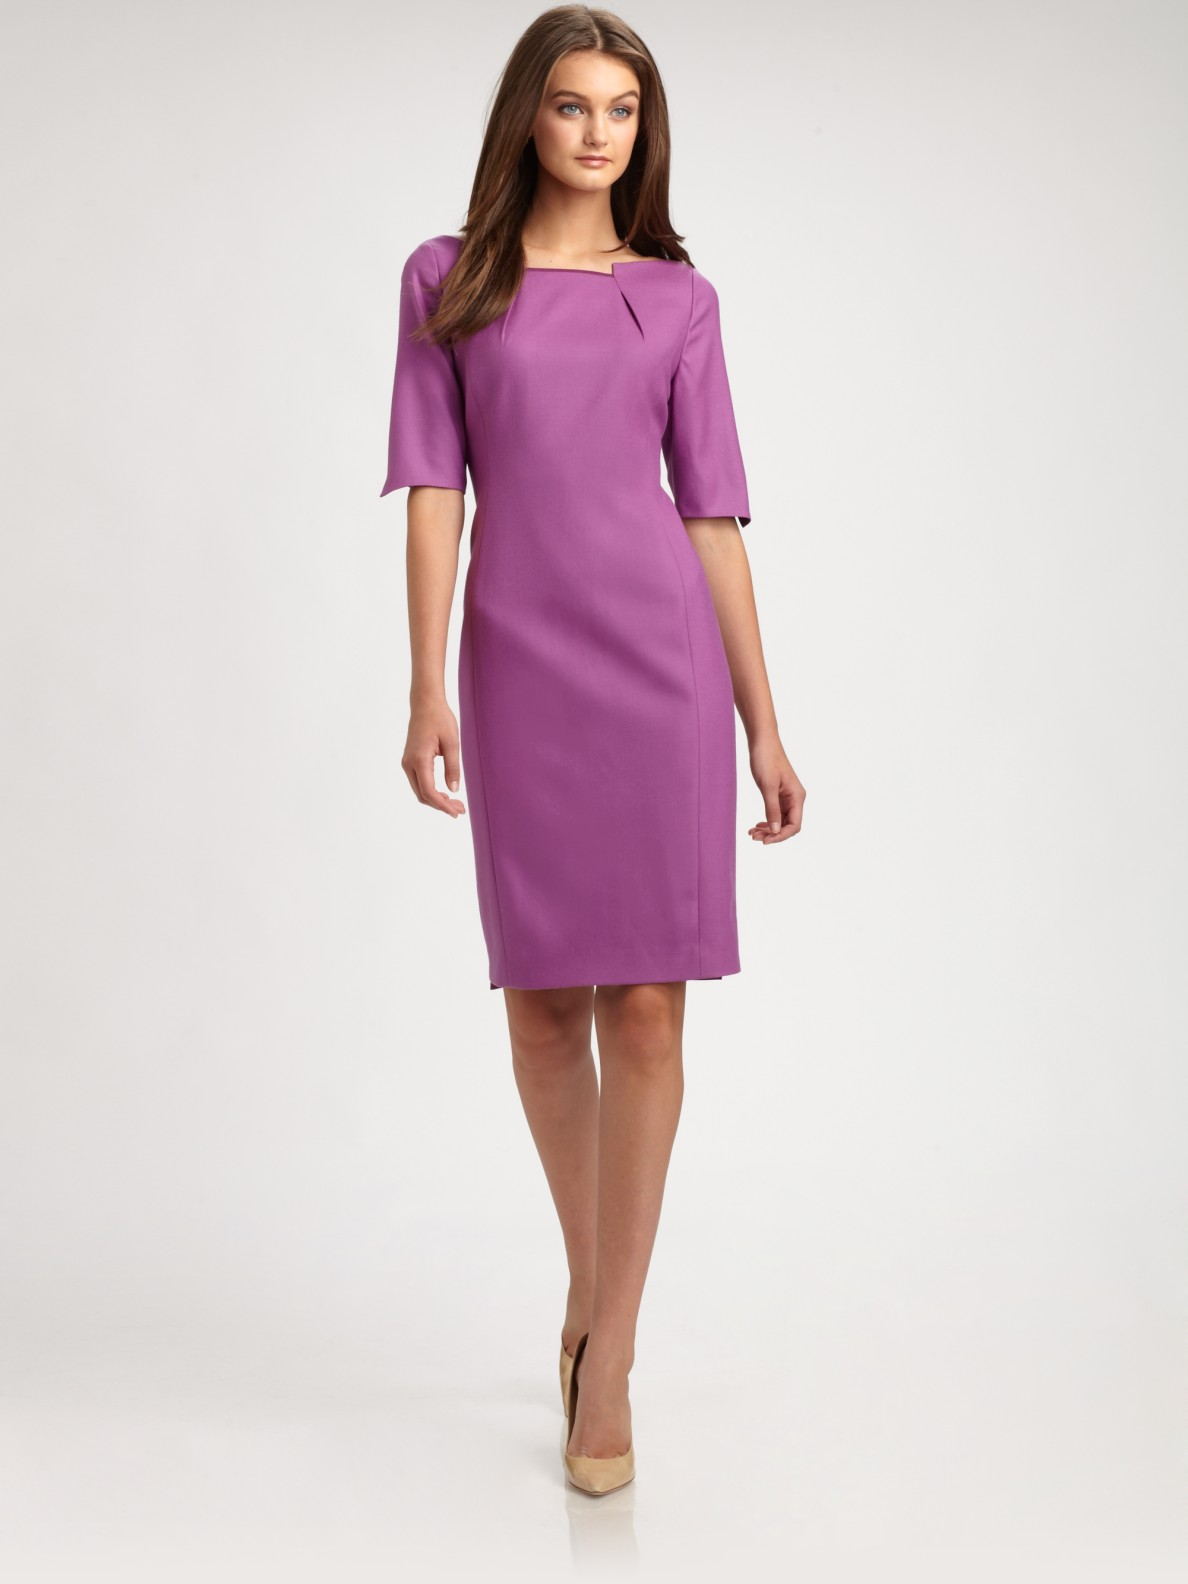 Milly Dress